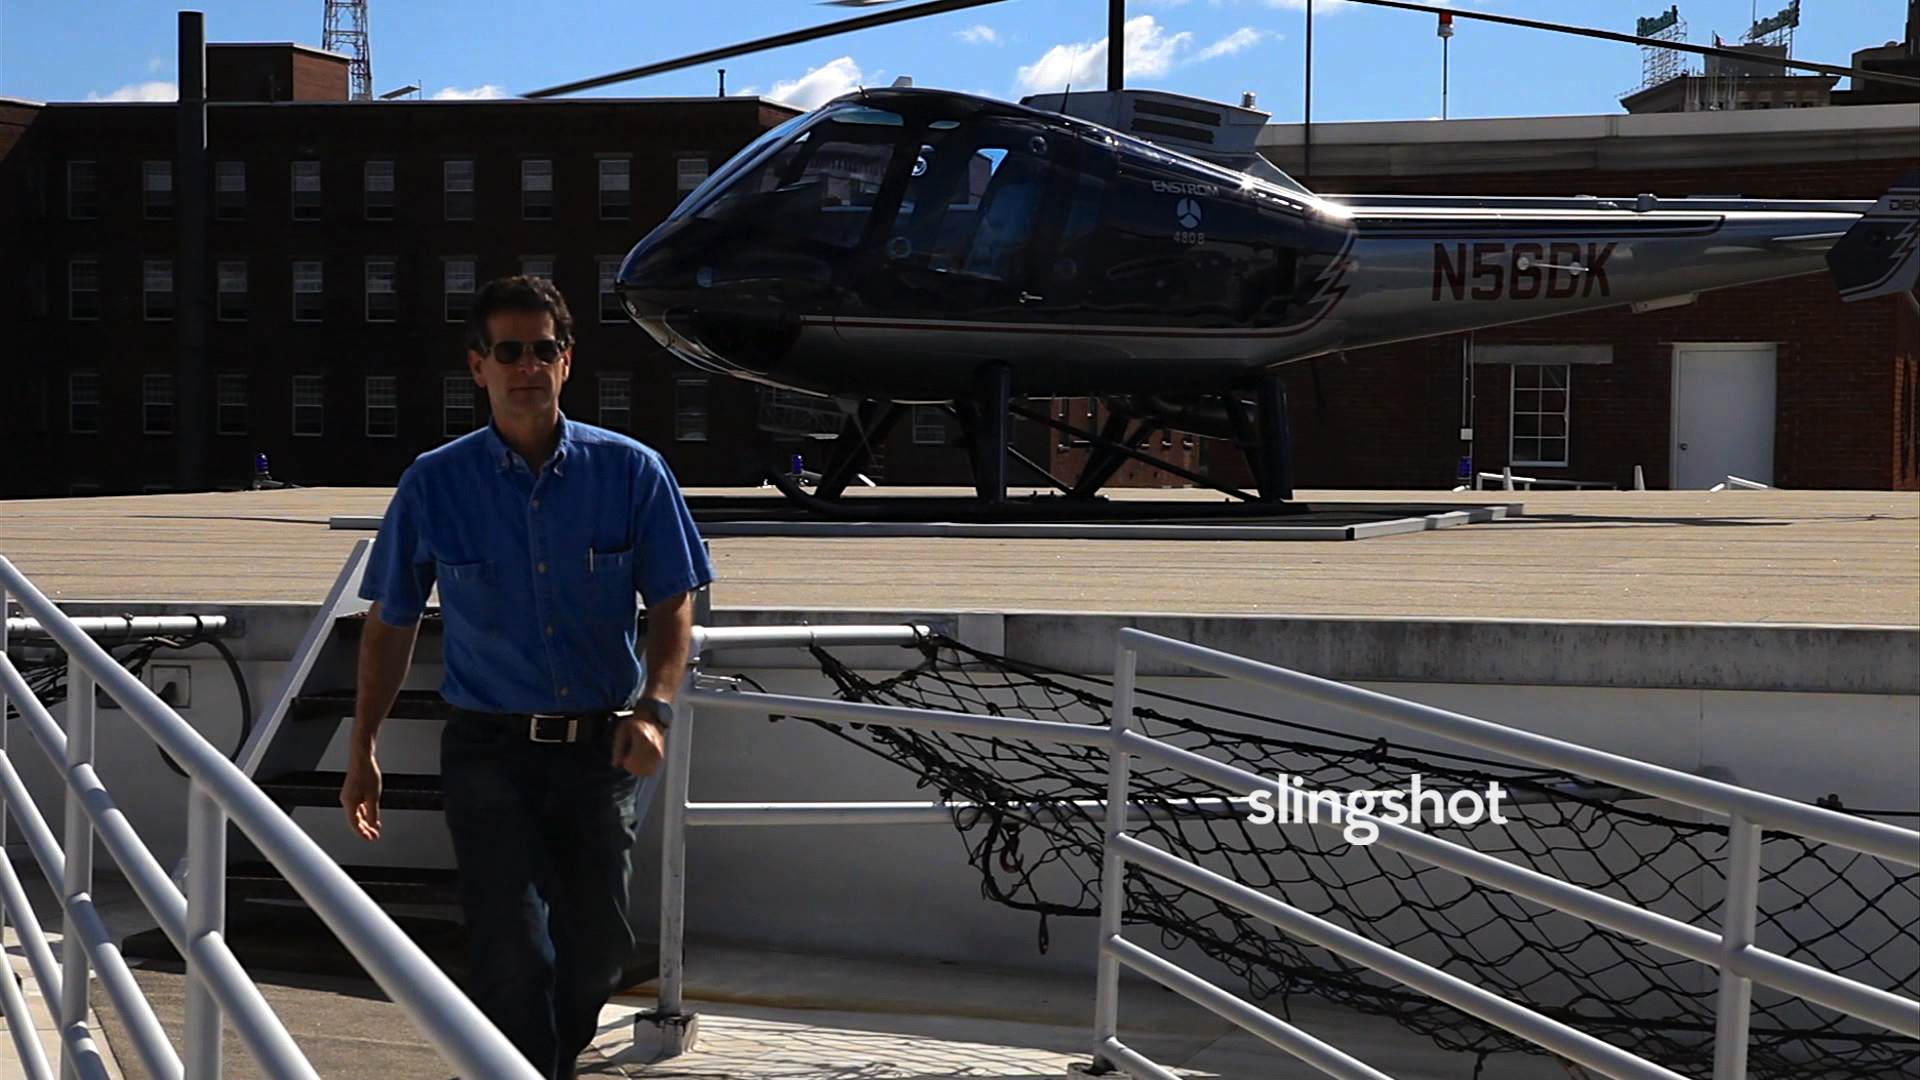 slingshot u0027 segway inventor says end of clean water is near u2014so he